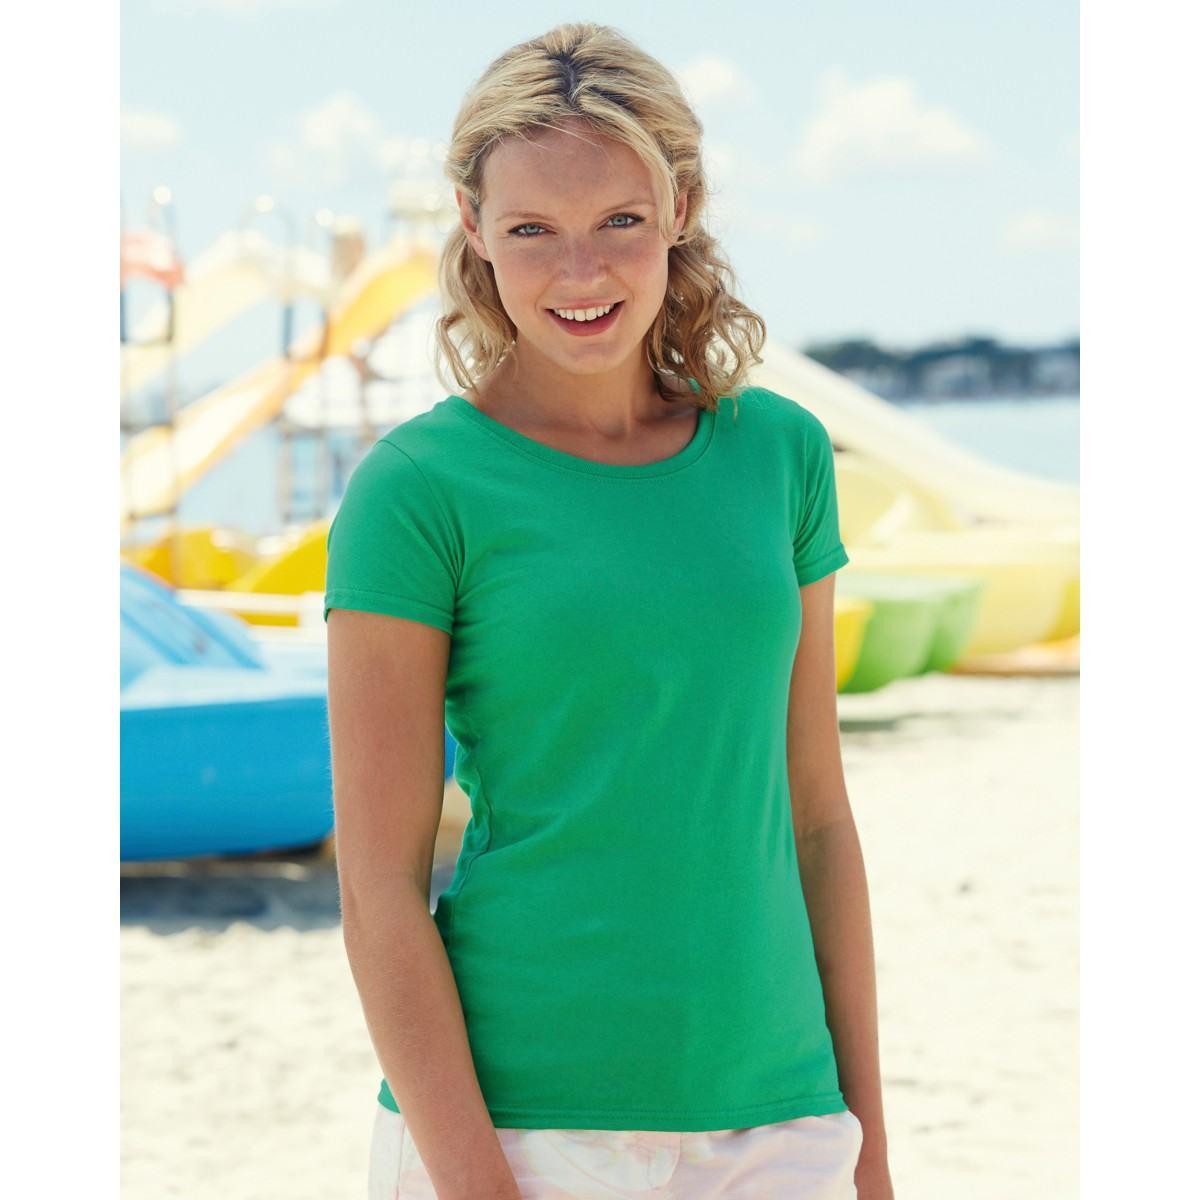 Classic Green T-shirt for women